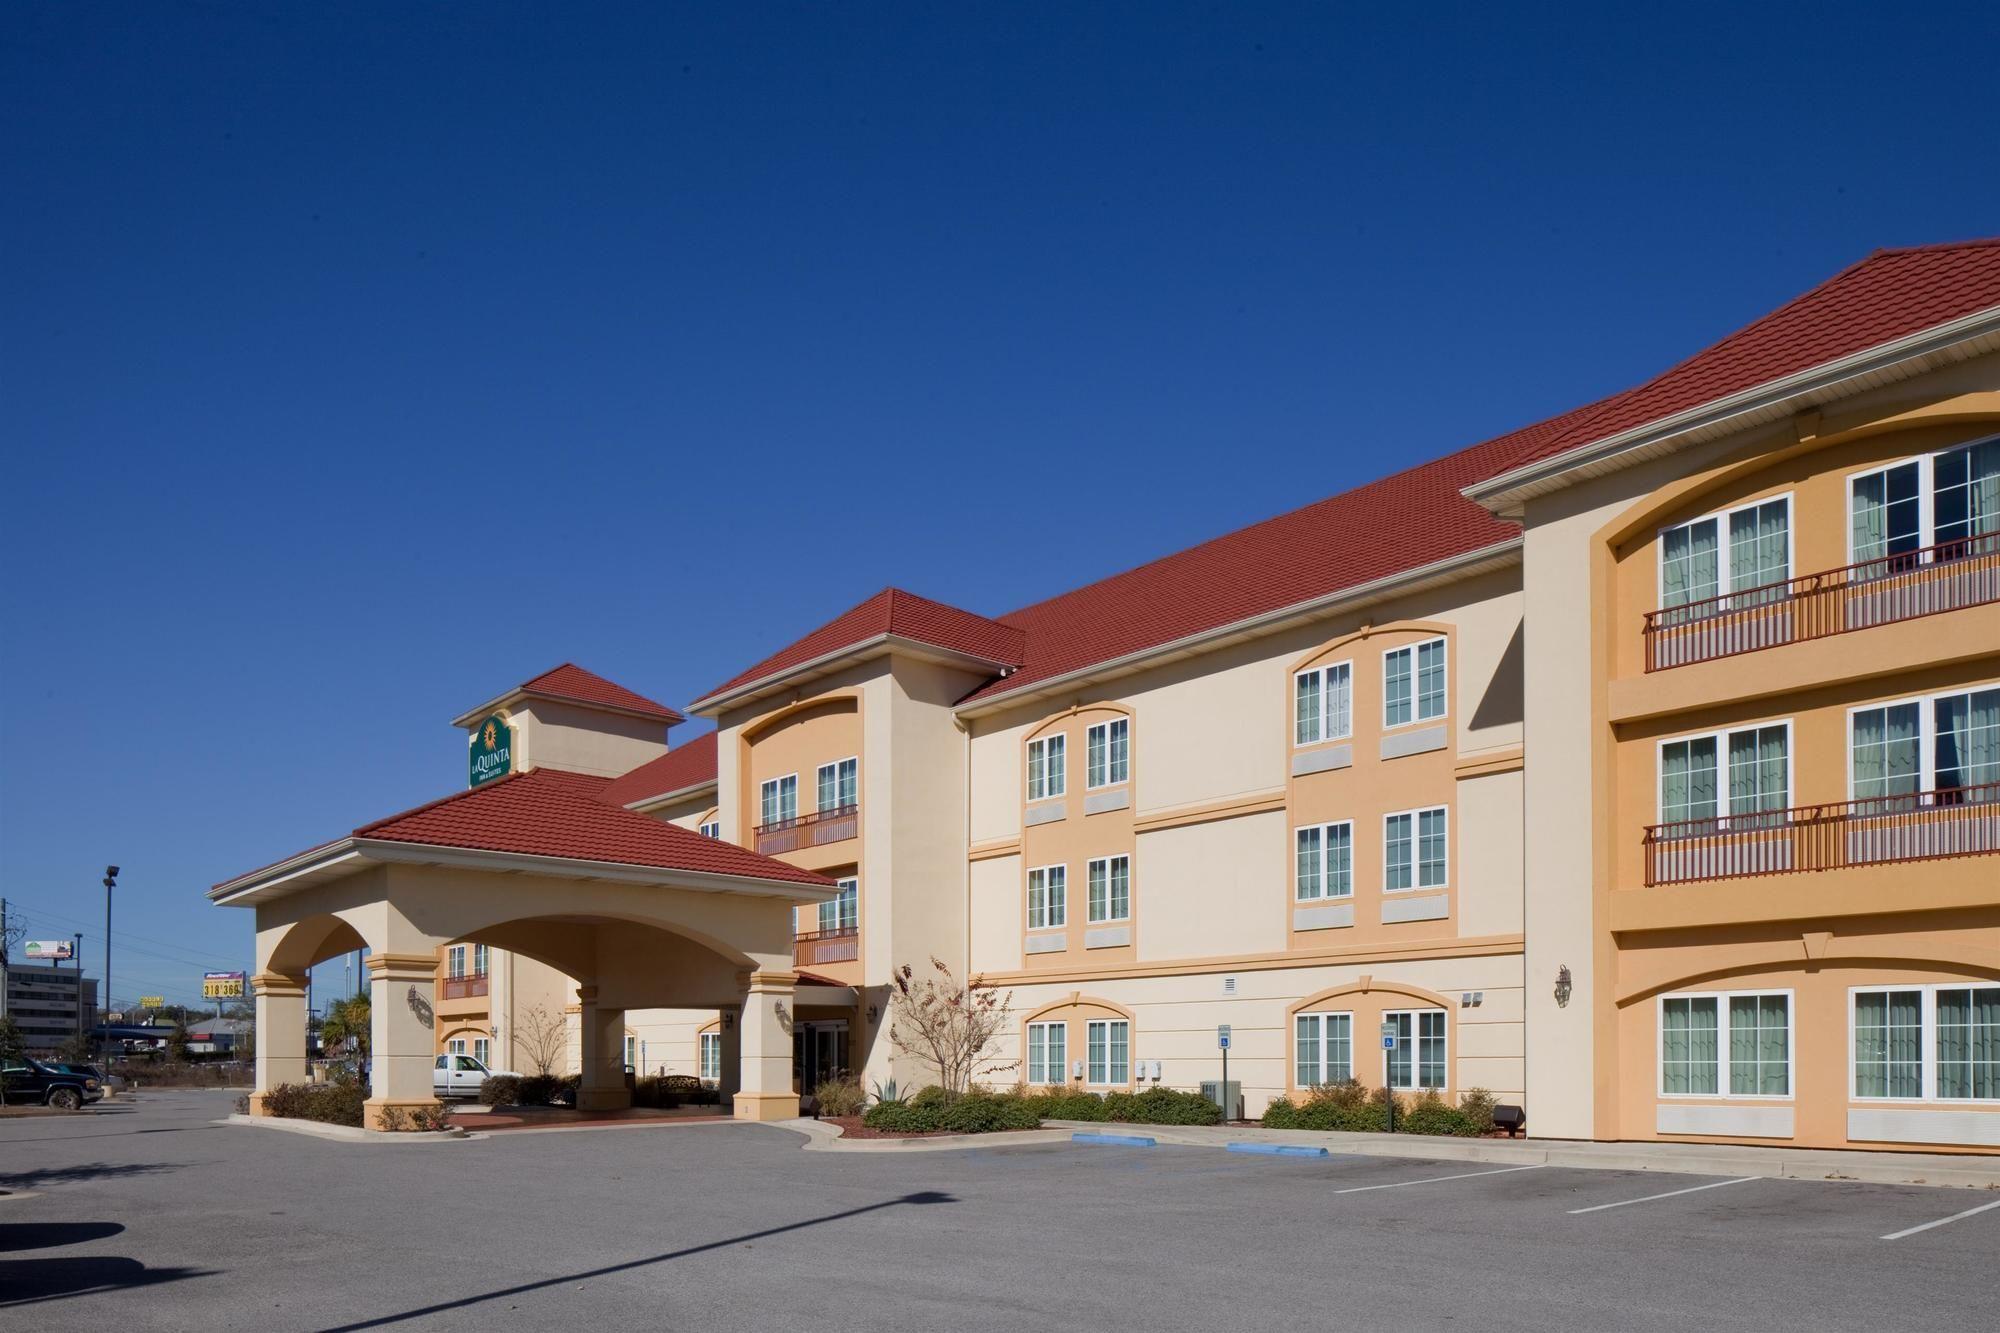 La Quinta Inn & Suites Mobile-Tillman's Corner